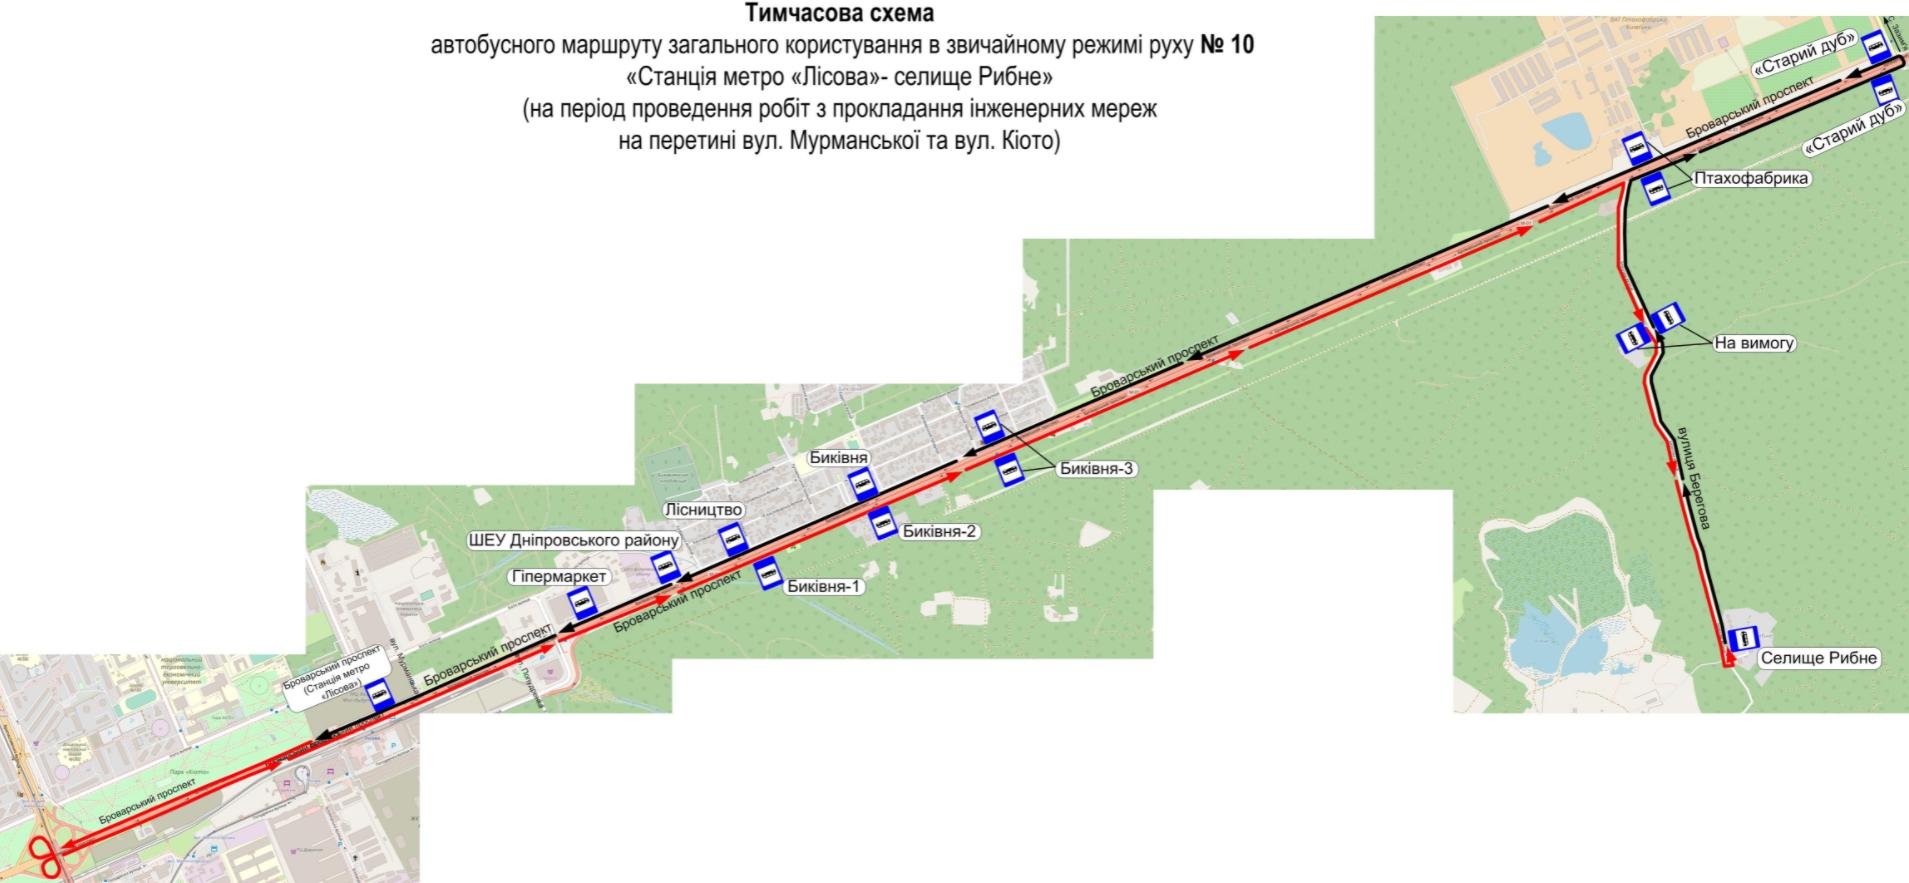 В Киеве сразу семь автобусов изменили маршруты: новые схемы движения